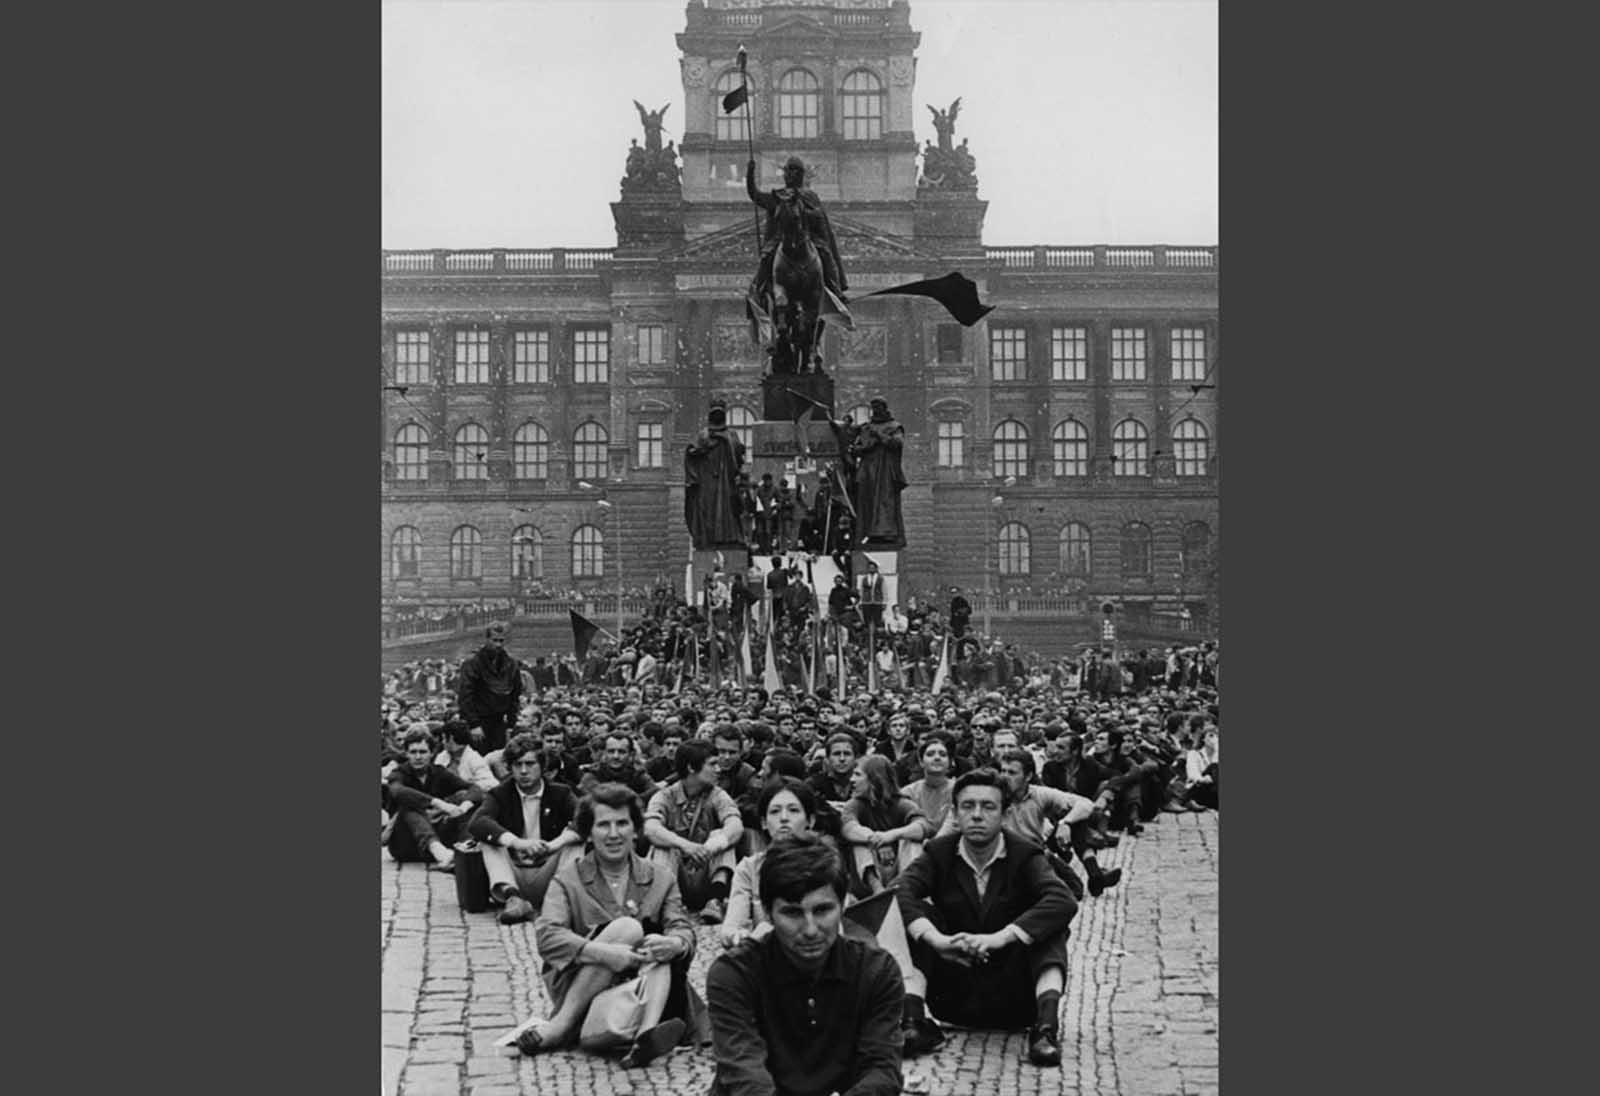 Miles de manifestantes se sientan en la Plaza de Wenceslao, en el centro de Praga, el 24 de agosto de 1968, manifestándose contra la invasión soviética.